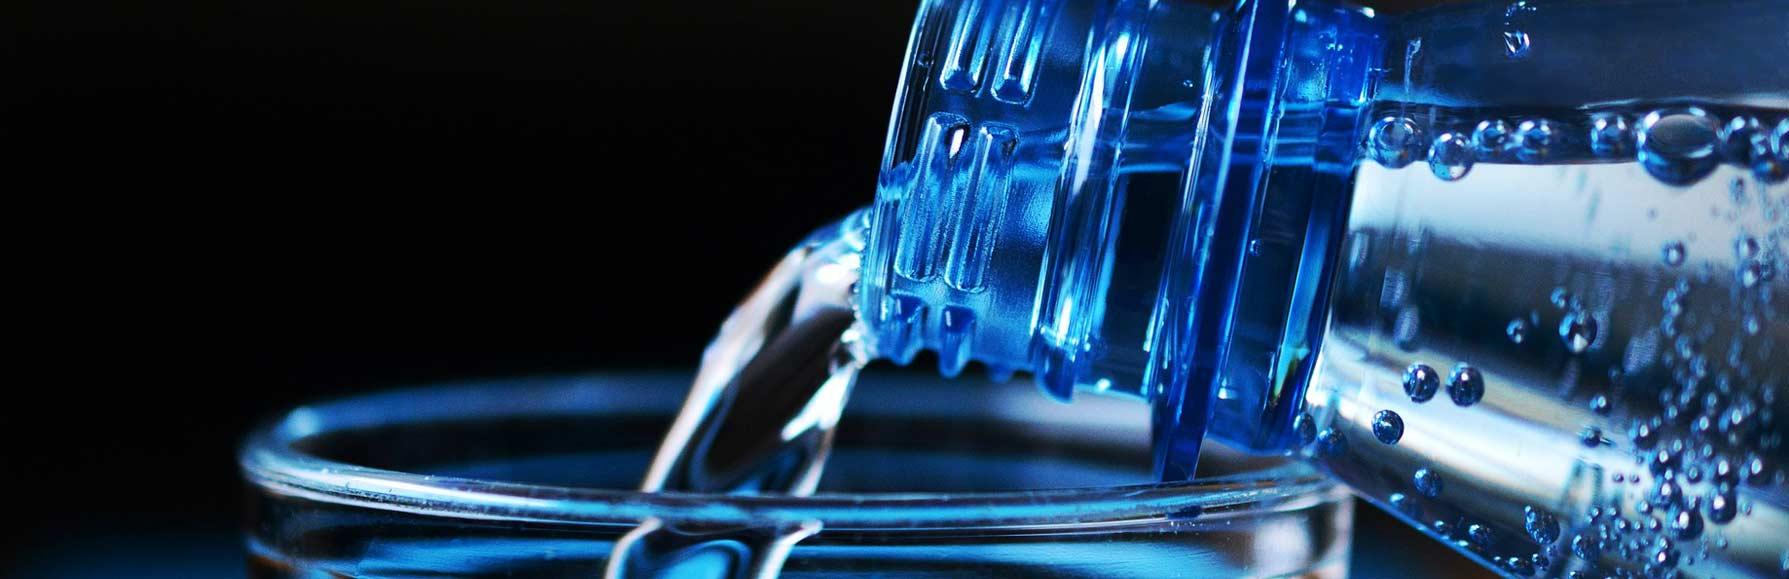 Acqua minerale o latte, news della Farmacia Assarotti, Ge